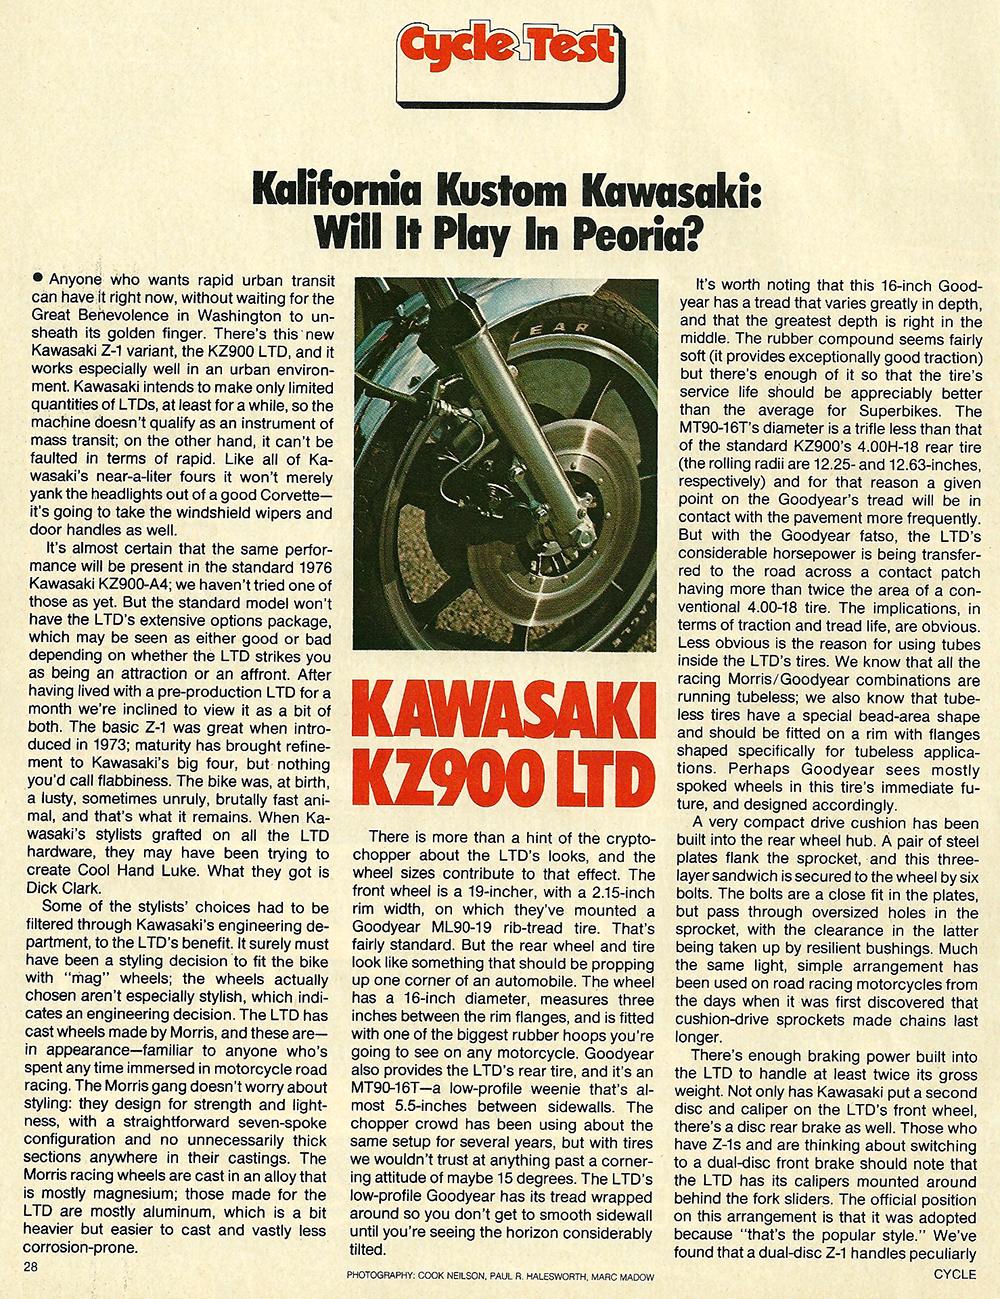 1976 Kawasaki KZ900 LTD road test 1.jpg